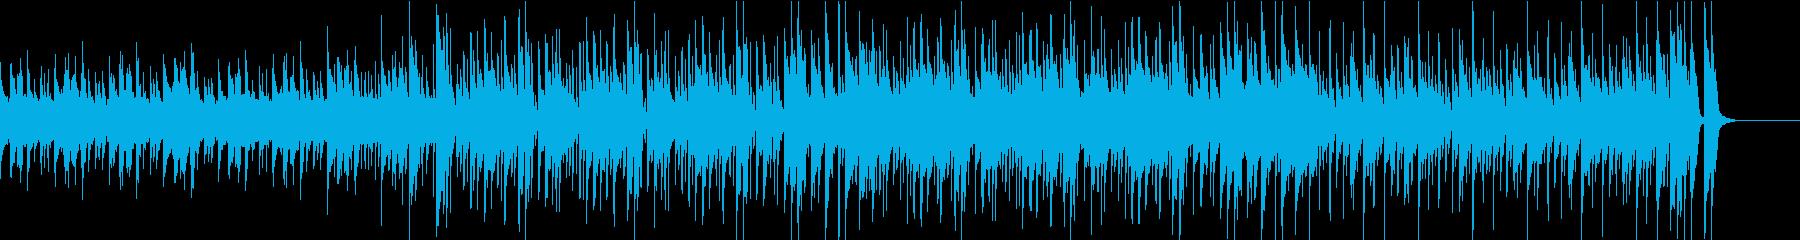 幻想的な雰囲気の短めのBGMの再生済みの波形